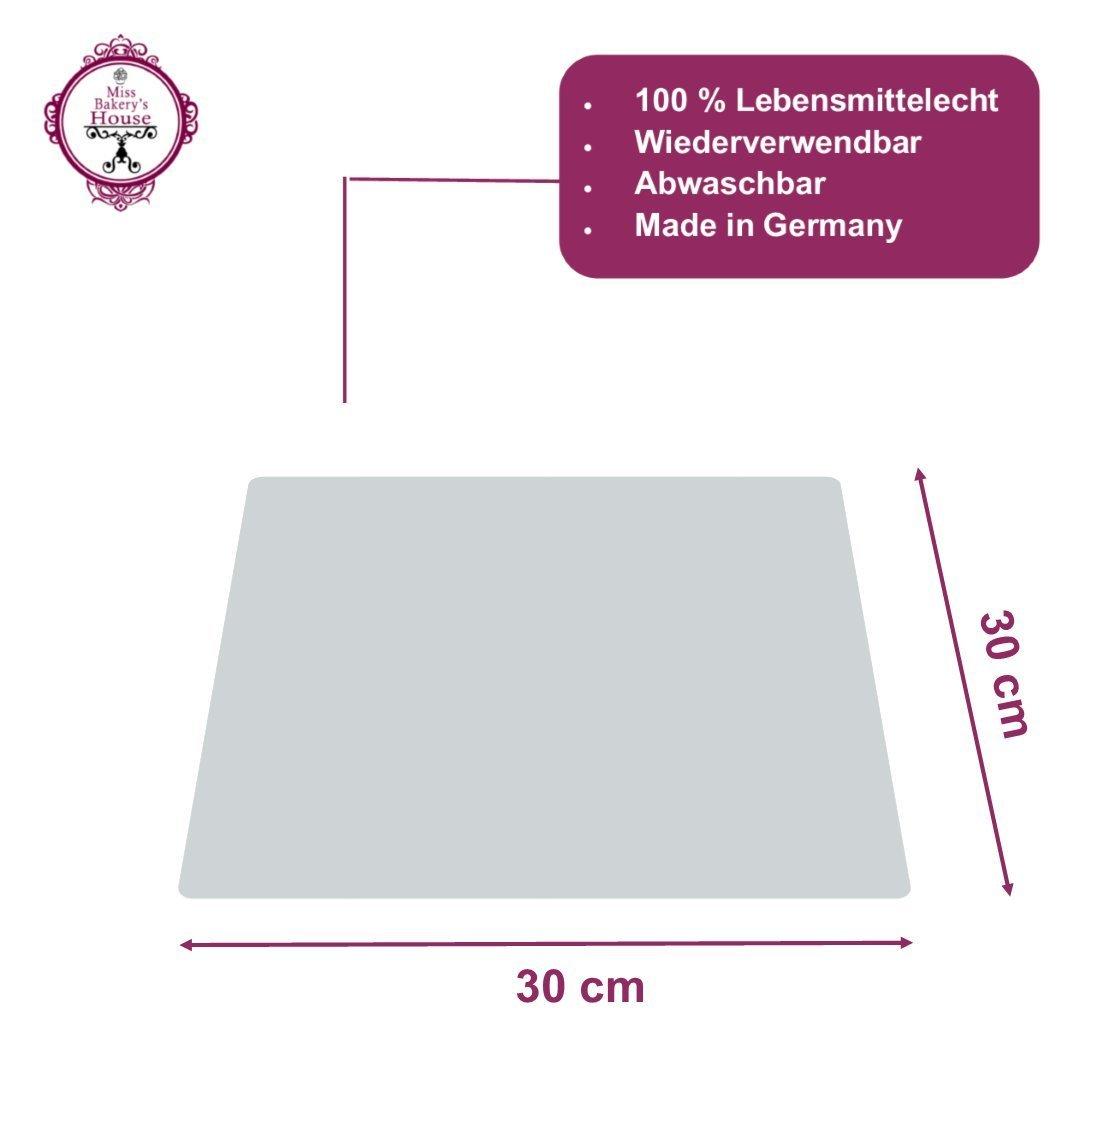 Tortenunterlage - weiß - Acryl - wiederverwendbar - rund - stabil - Kuchenplatte - Cake Board - Kuchenplatte (Ø 15 cm - rund) Miss Bakery's House